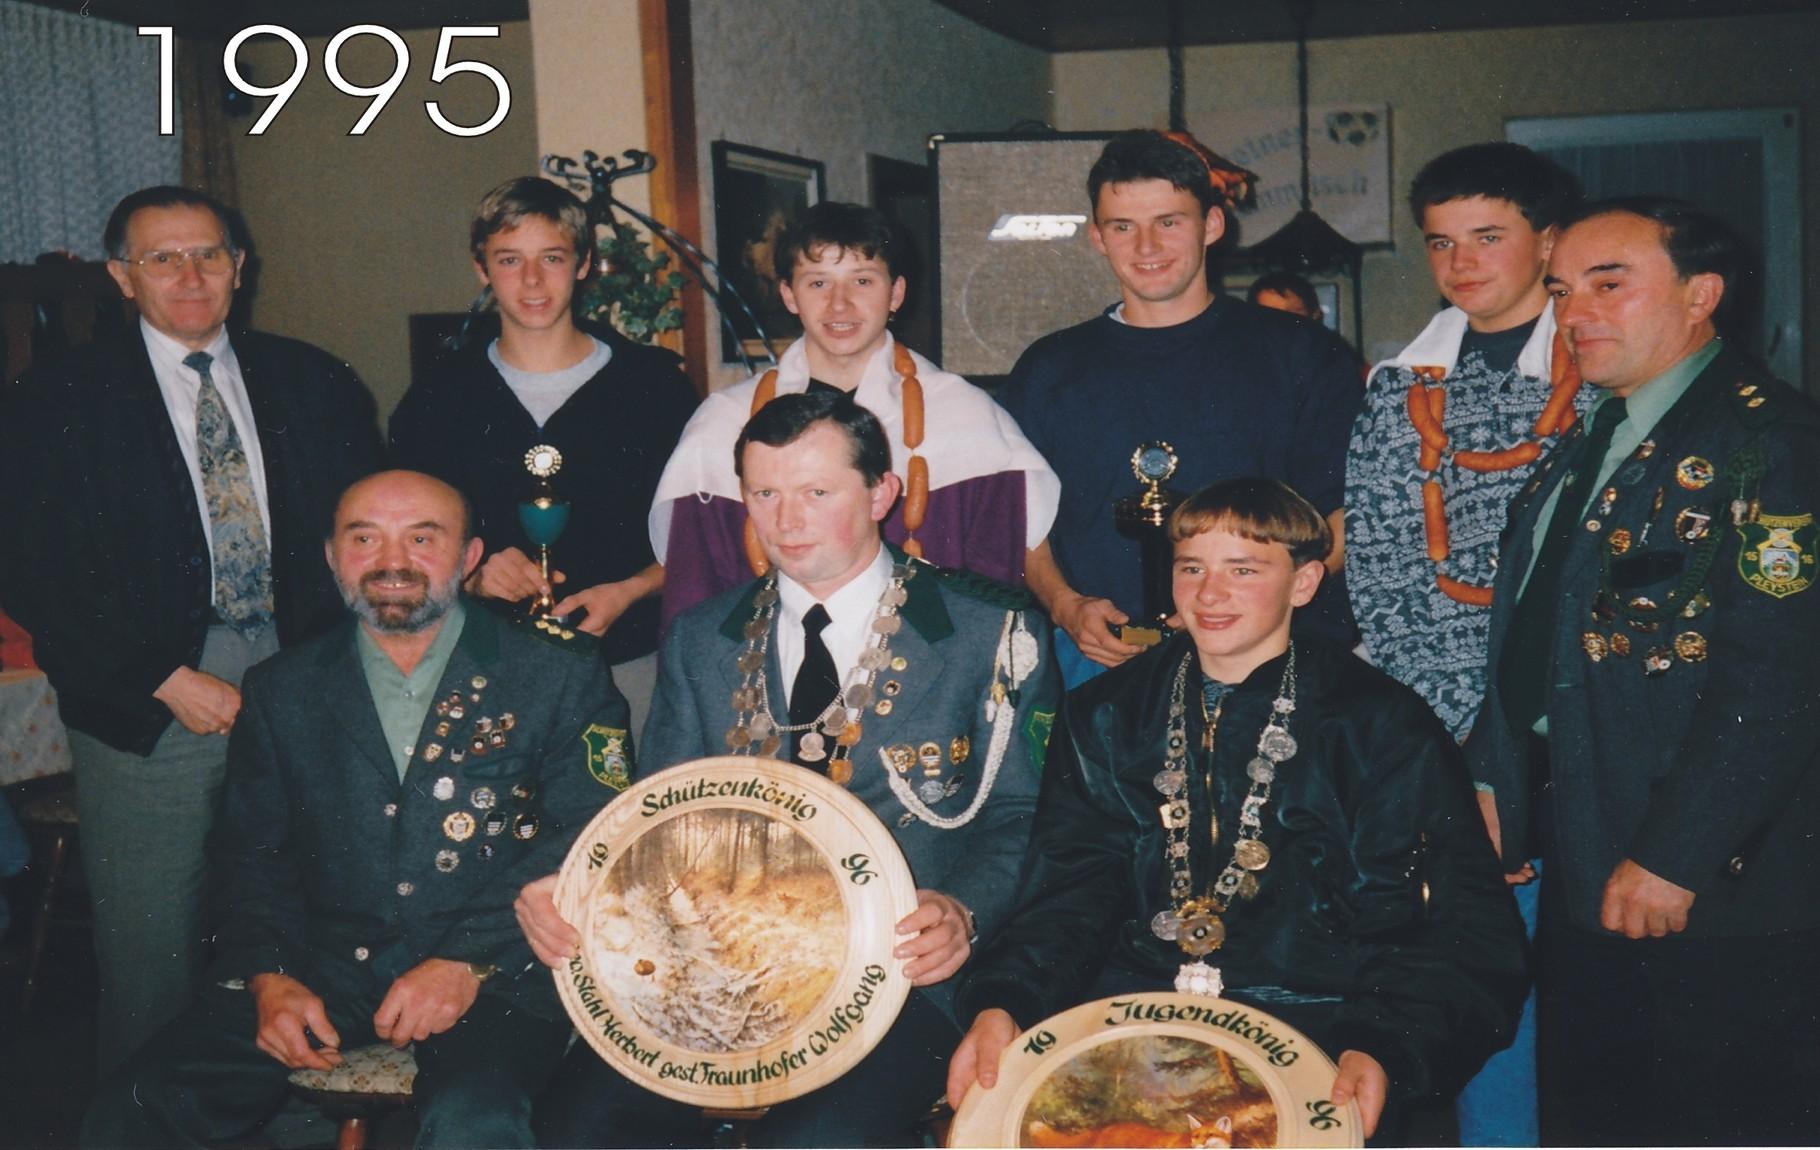 Königsfeier 1995